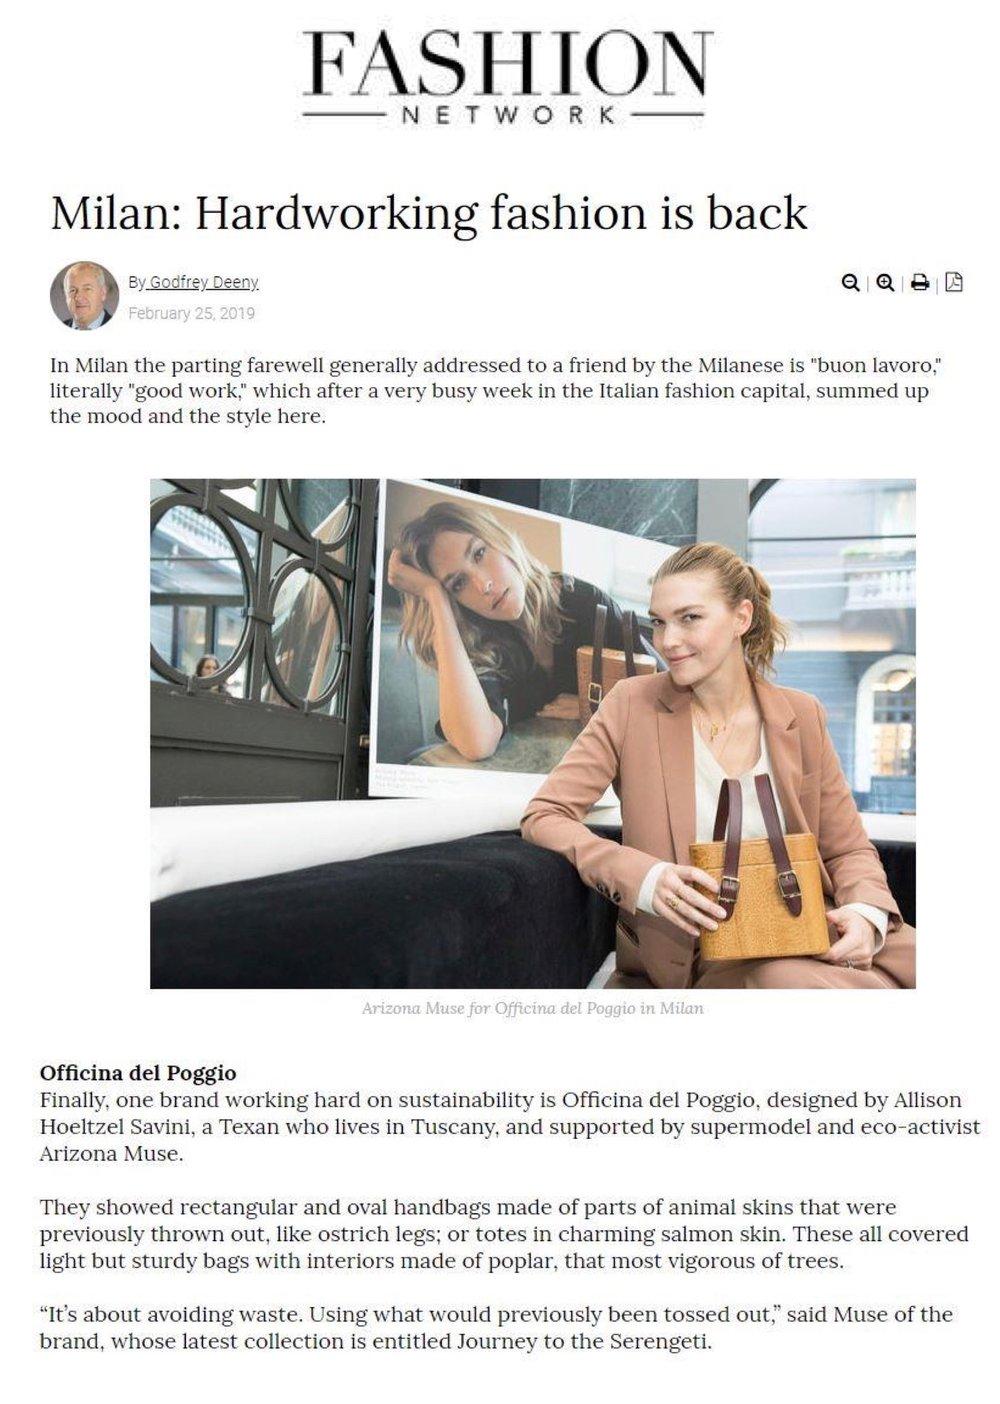 Fashion_Network_Officina_del_Poggio 2.jpg